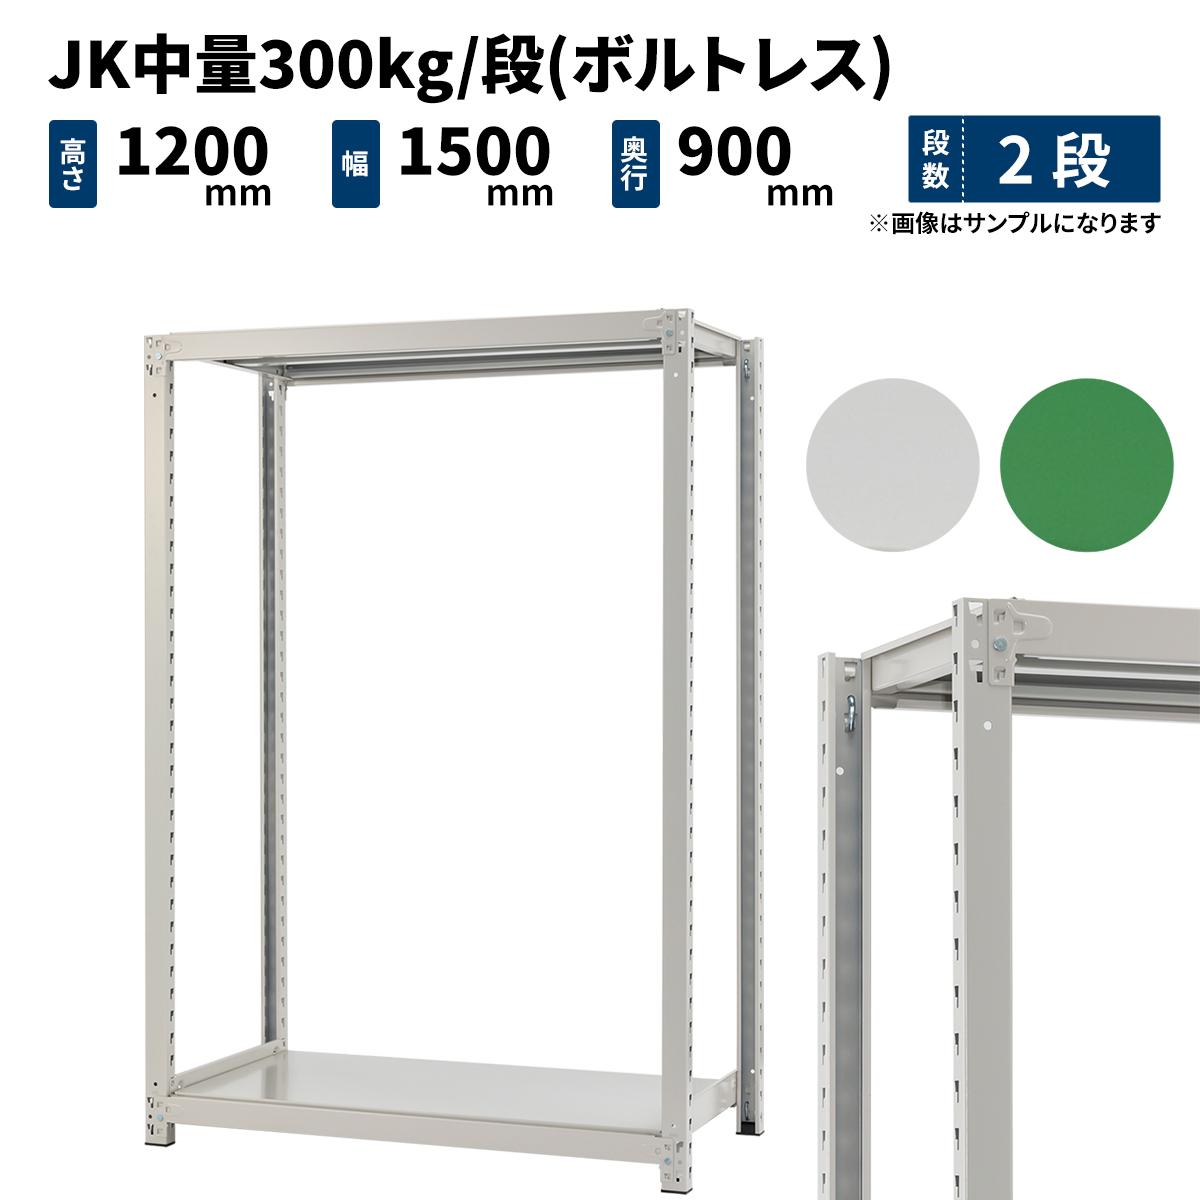 スチールラック 業務用 JK中量300kg/段(ボルトレス) 単体形式 高さ1200×幅1500×奥行900mm 2段 ホワイトグレー/グリーン (56kg) JK300_T-121509-2